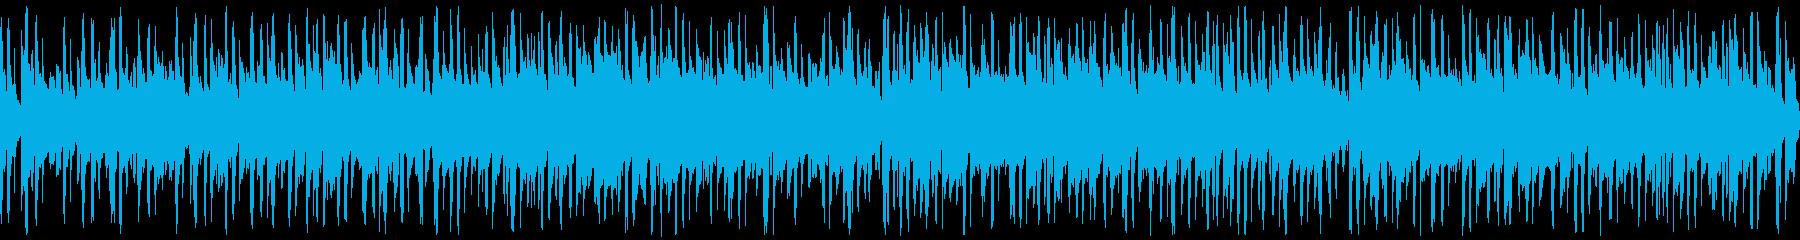 七夕をイメージした切ないバラードの再生済みの波形